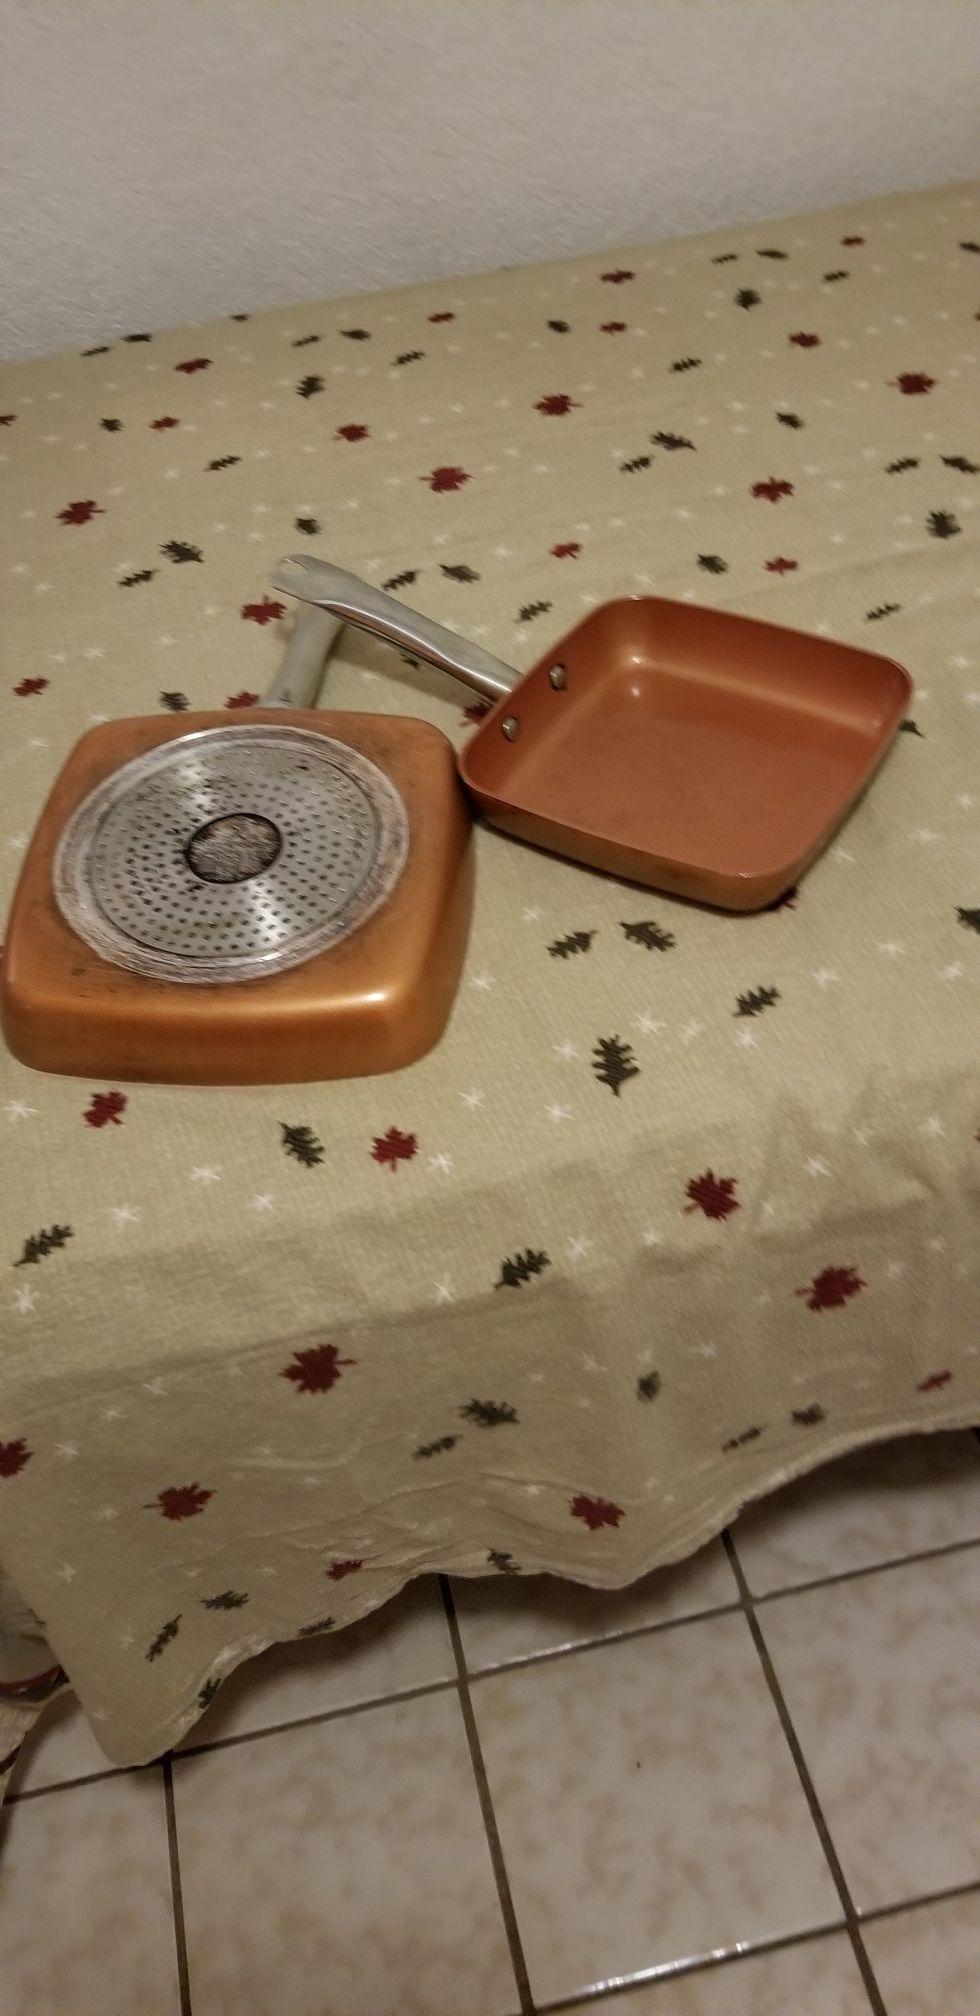 Vendo dos saltenes usados marca Copper chef cuadrados uno 8 in. Y otro 9.5 in